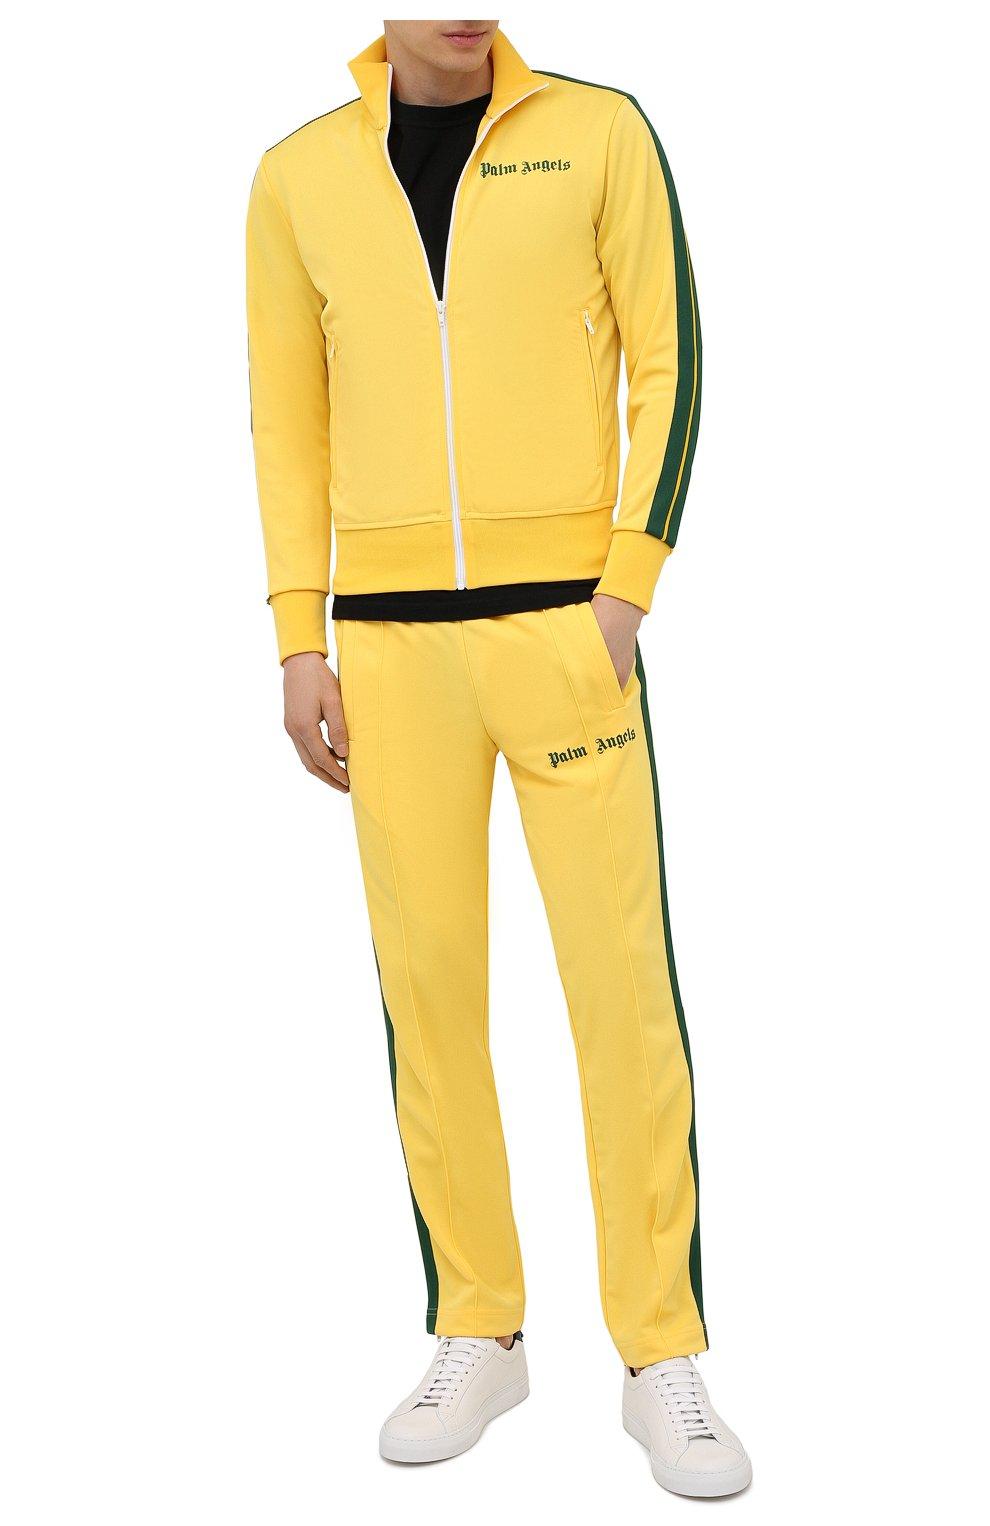 Мужские брюки PALM ANGELS желтого цвета, арт. PMCA007S21FAB0031855   Фото 2 (Мужское Кросс-КТ: Брюки-трикотаж; Длина (брюки, джинсы): Стандартные; Случай: Повседневный; Материал внешний: Синтетический материал; Стили: Спорт-шик)